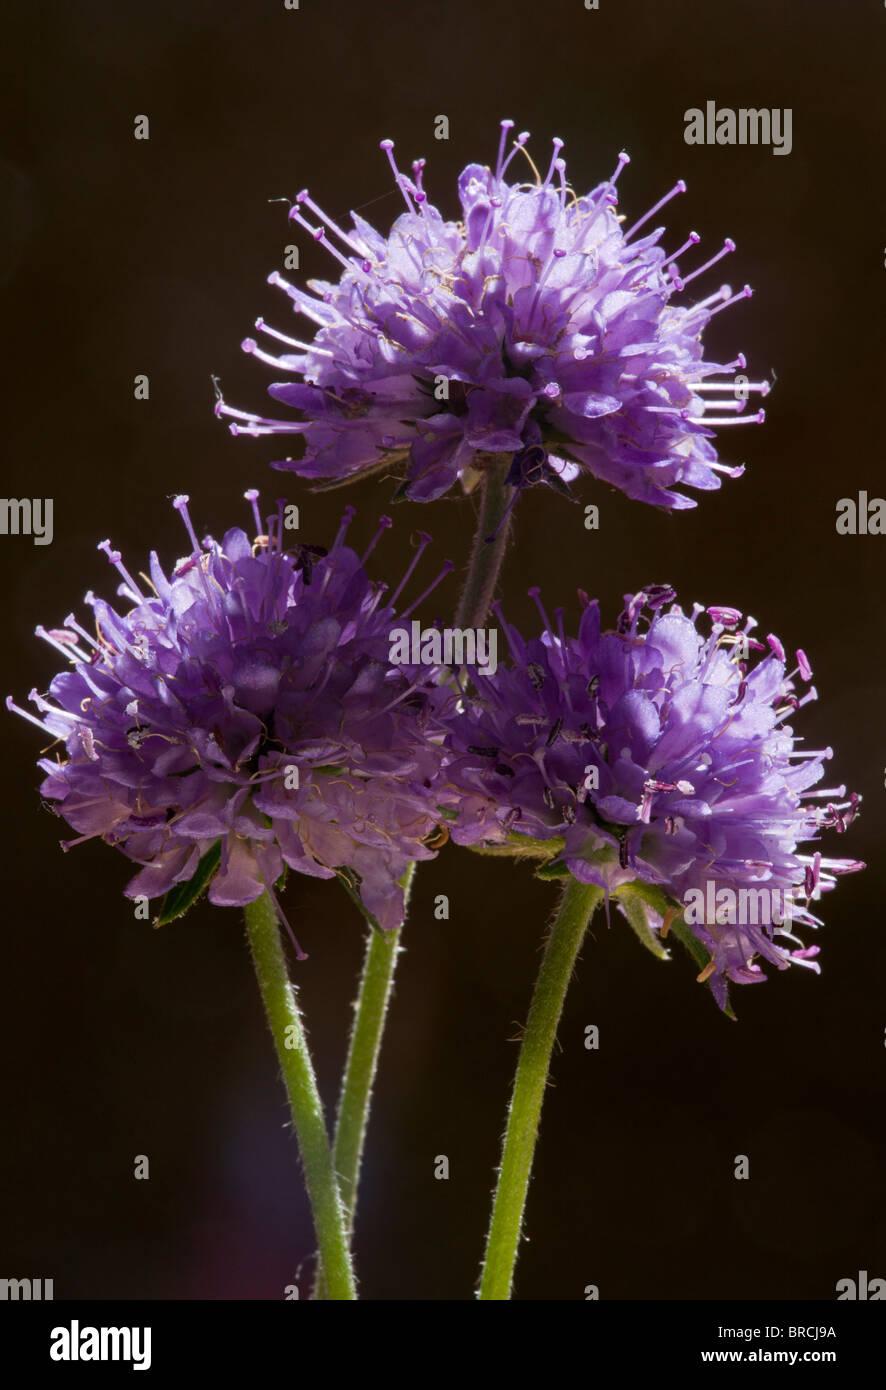 Devil's Bit or Devil's Bit Scabious, Succisa pratensis in flower, Dorset. - Stock Image